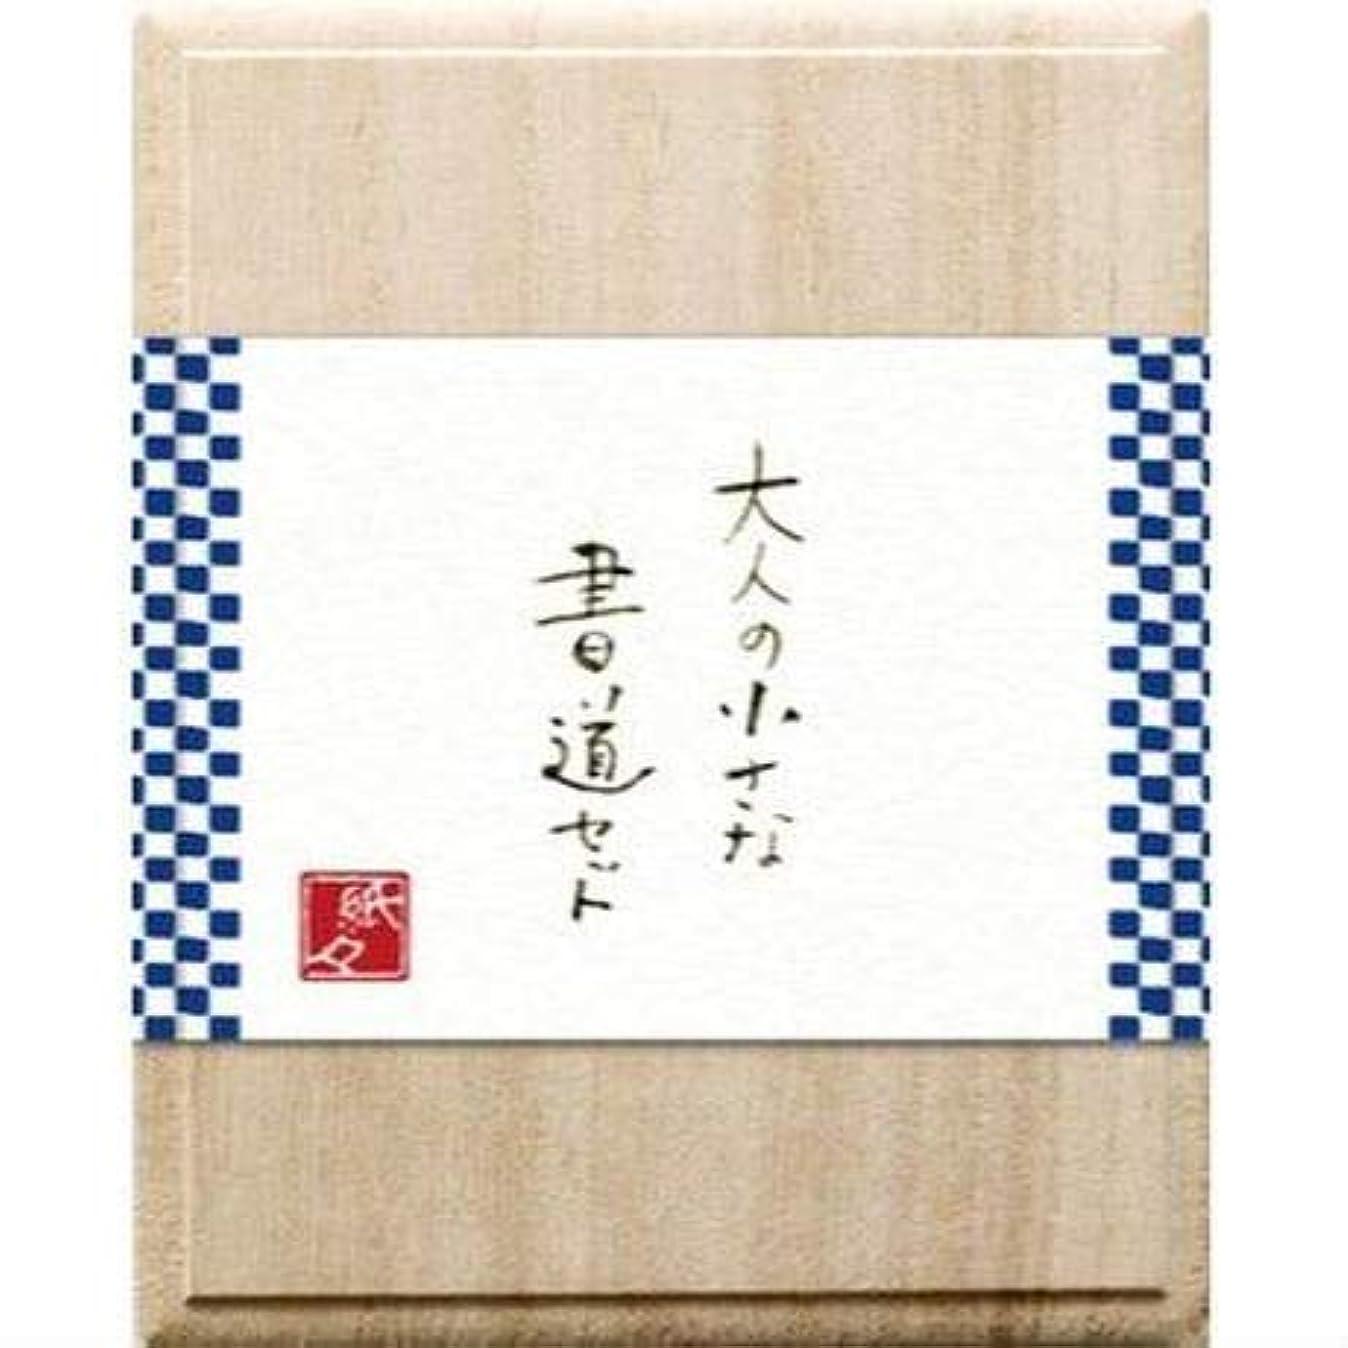 ファイル薬局舗装する古川紙工 書道セット 大人の小さな書道セット 陶磁器硯 【市松紺】 QR11